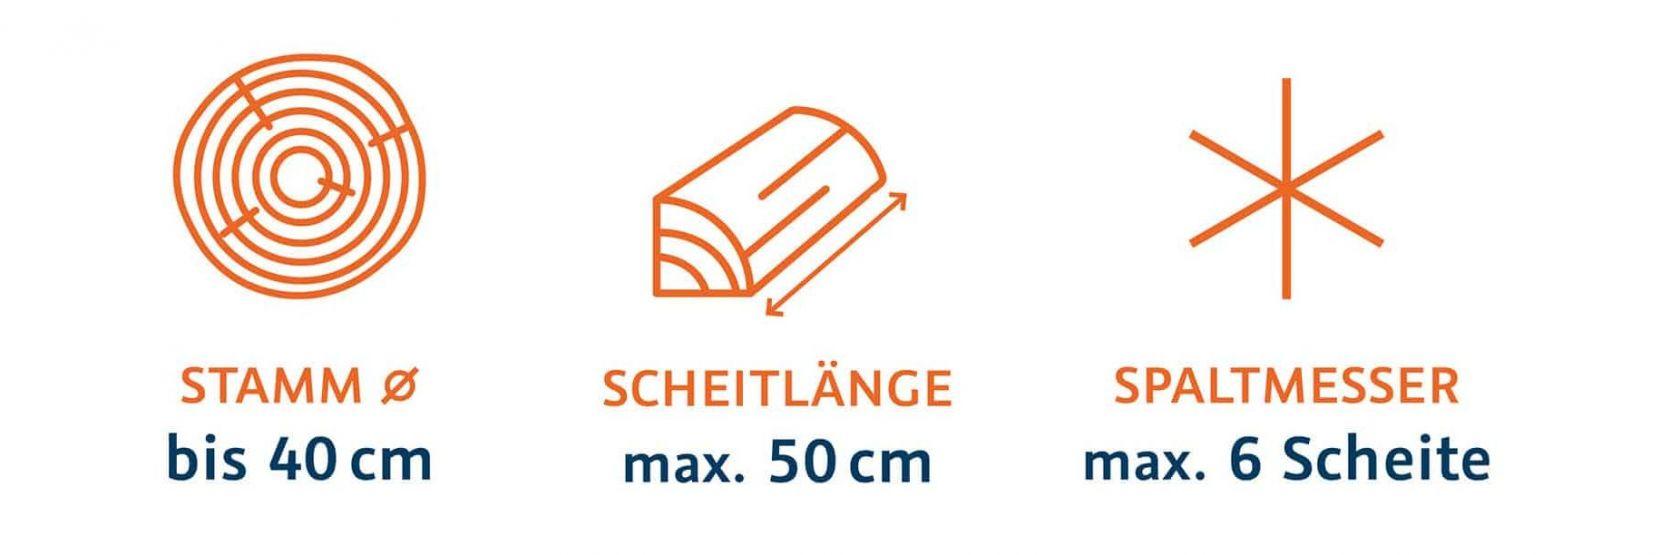 liegendspalter-spaltmaschine-brennholz-spalten-polly-posch-leibnitz-icons-features-1